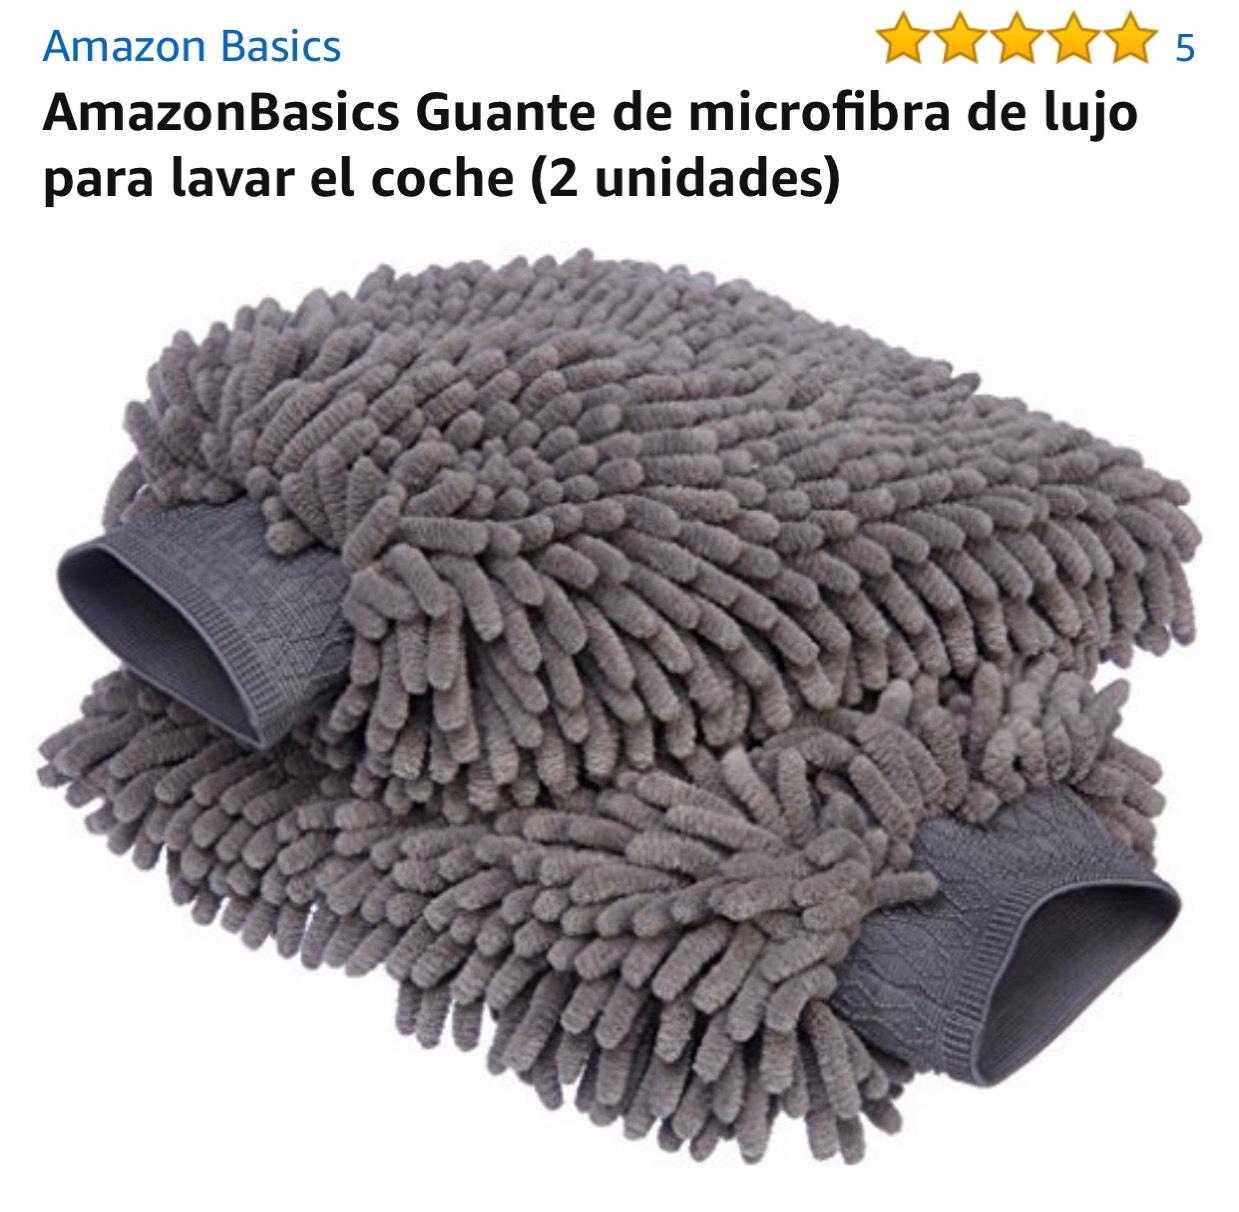 Amazon:Par de Guantes de micro fibra de lujo (2unidades) Envío Gratis Prime